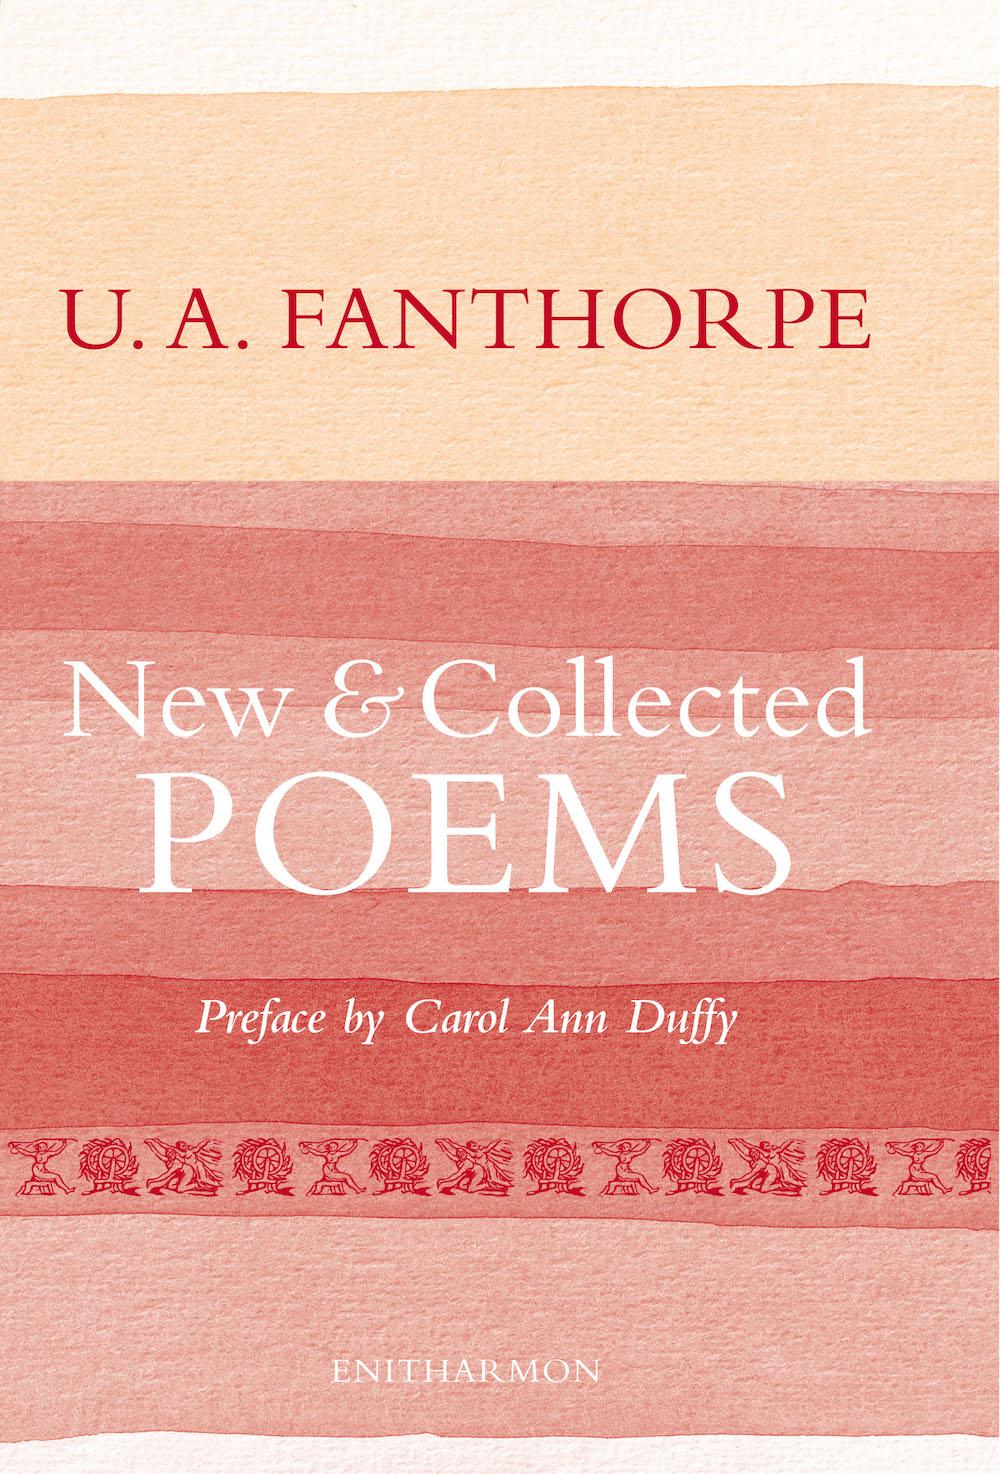 ua fanthorpe is a poet who dislikes modern life essay